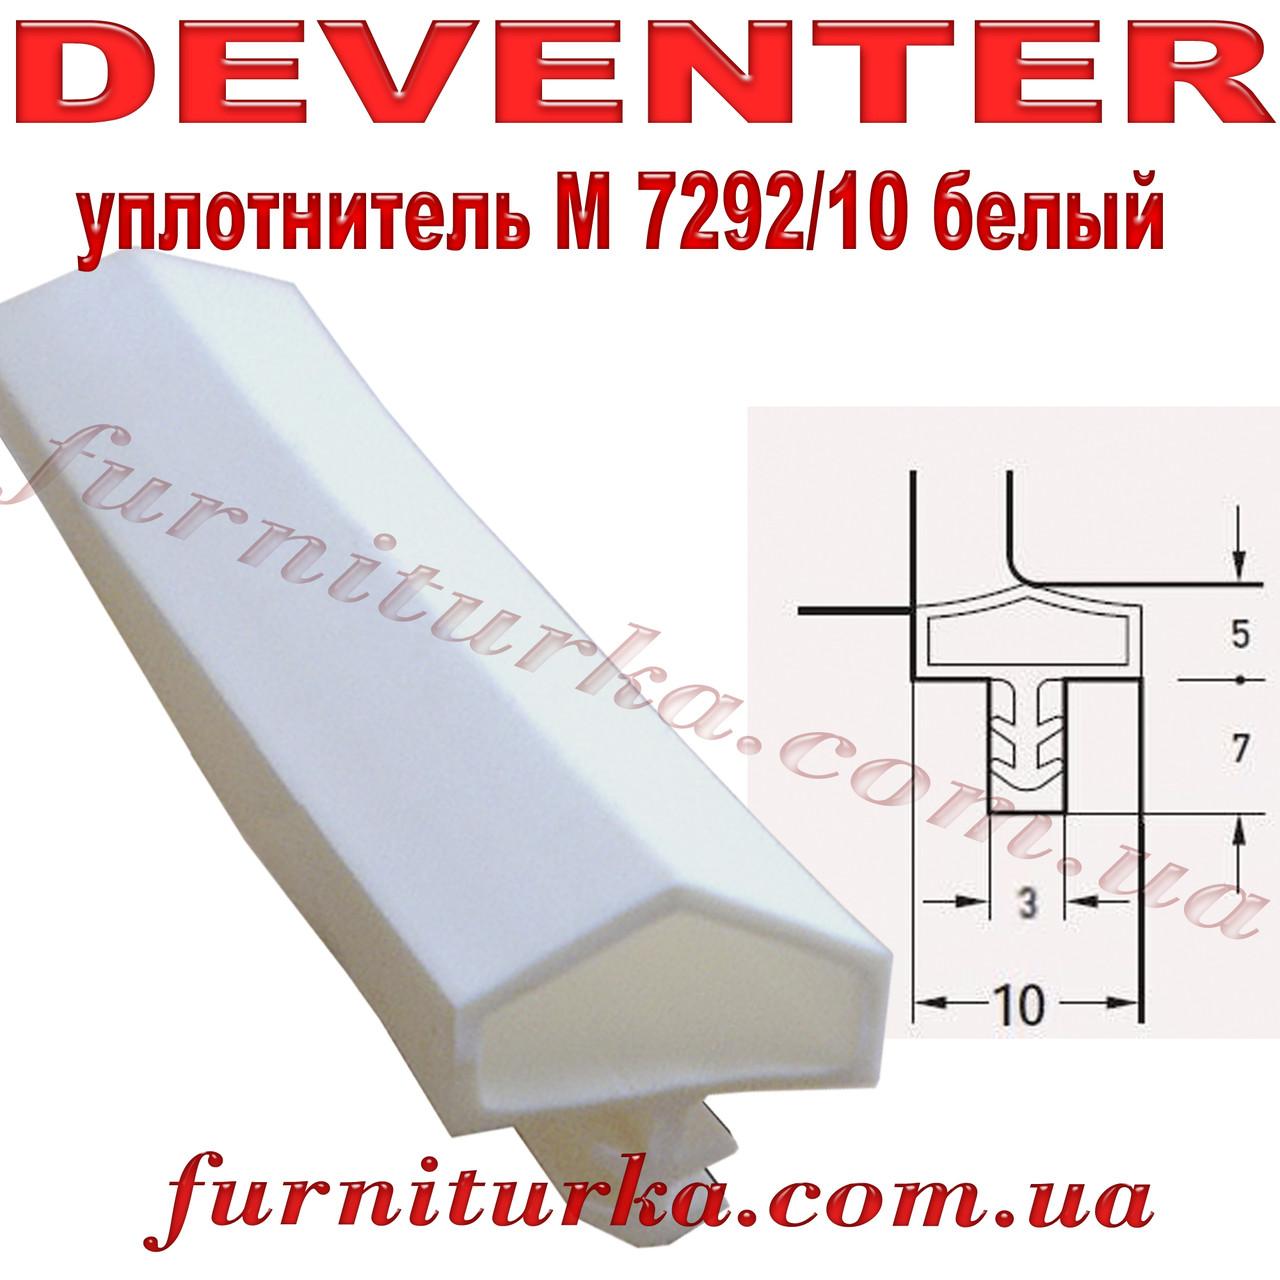 Уплотнитель дверной Deventer M7292/10 белый